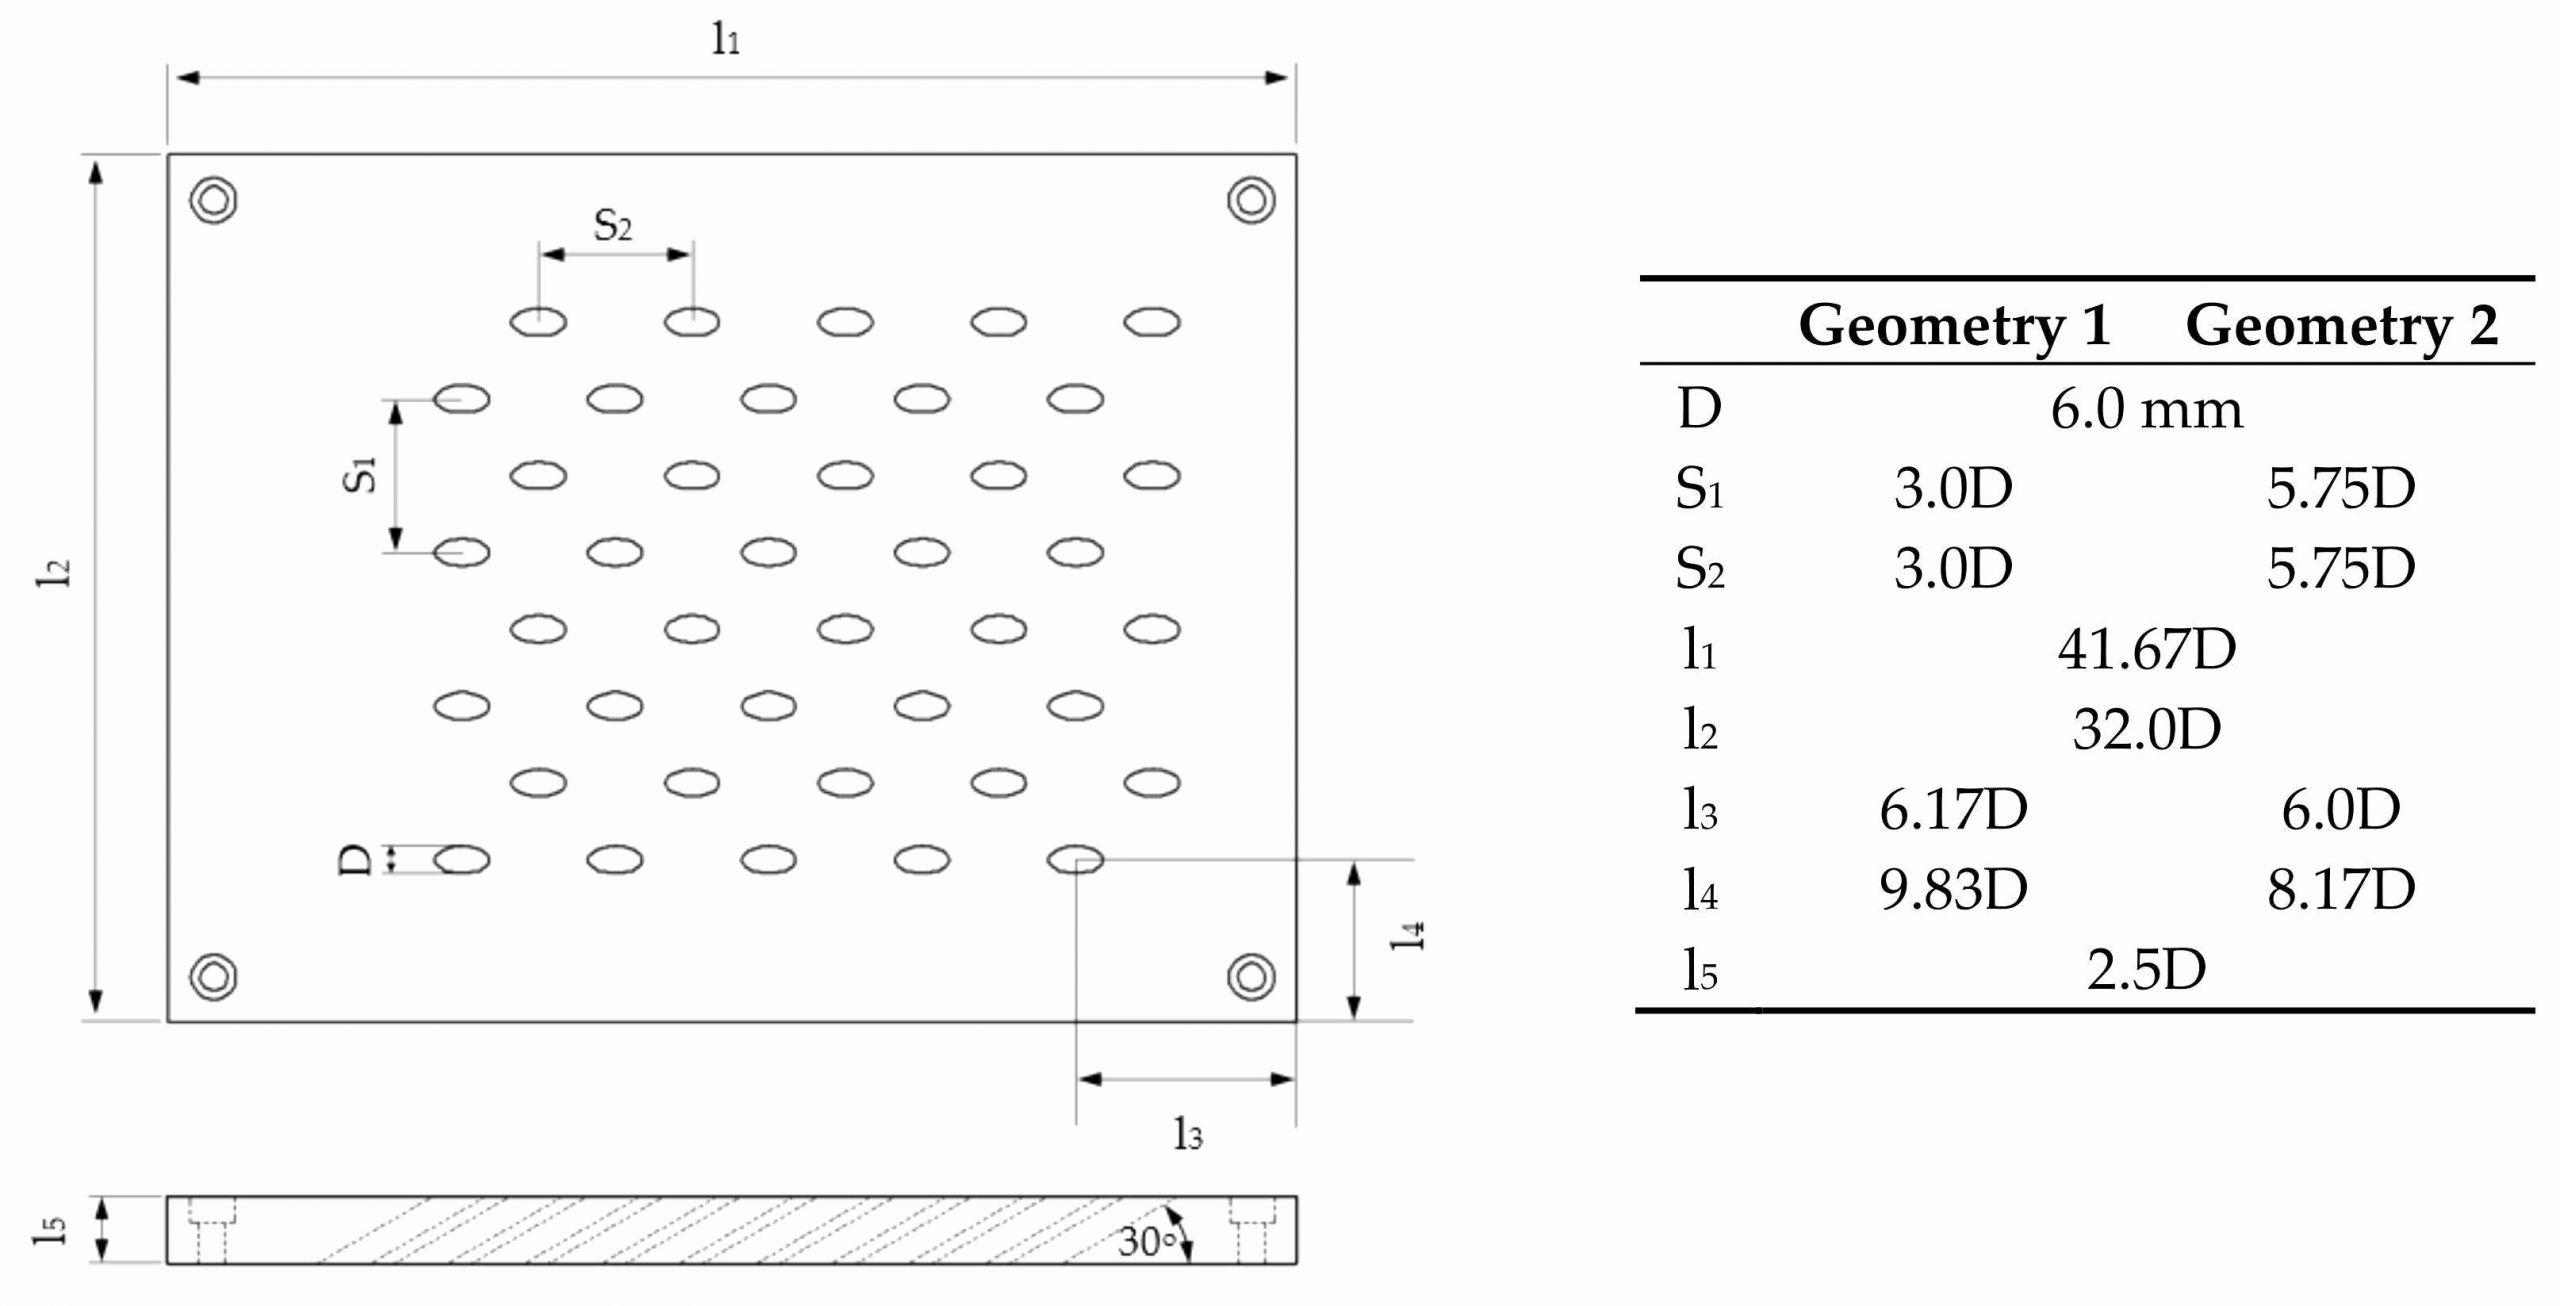 meuble palette plan pdf meuble en palette de plan bois gratuit fauteuil rbdcxoew of meuble palette plan